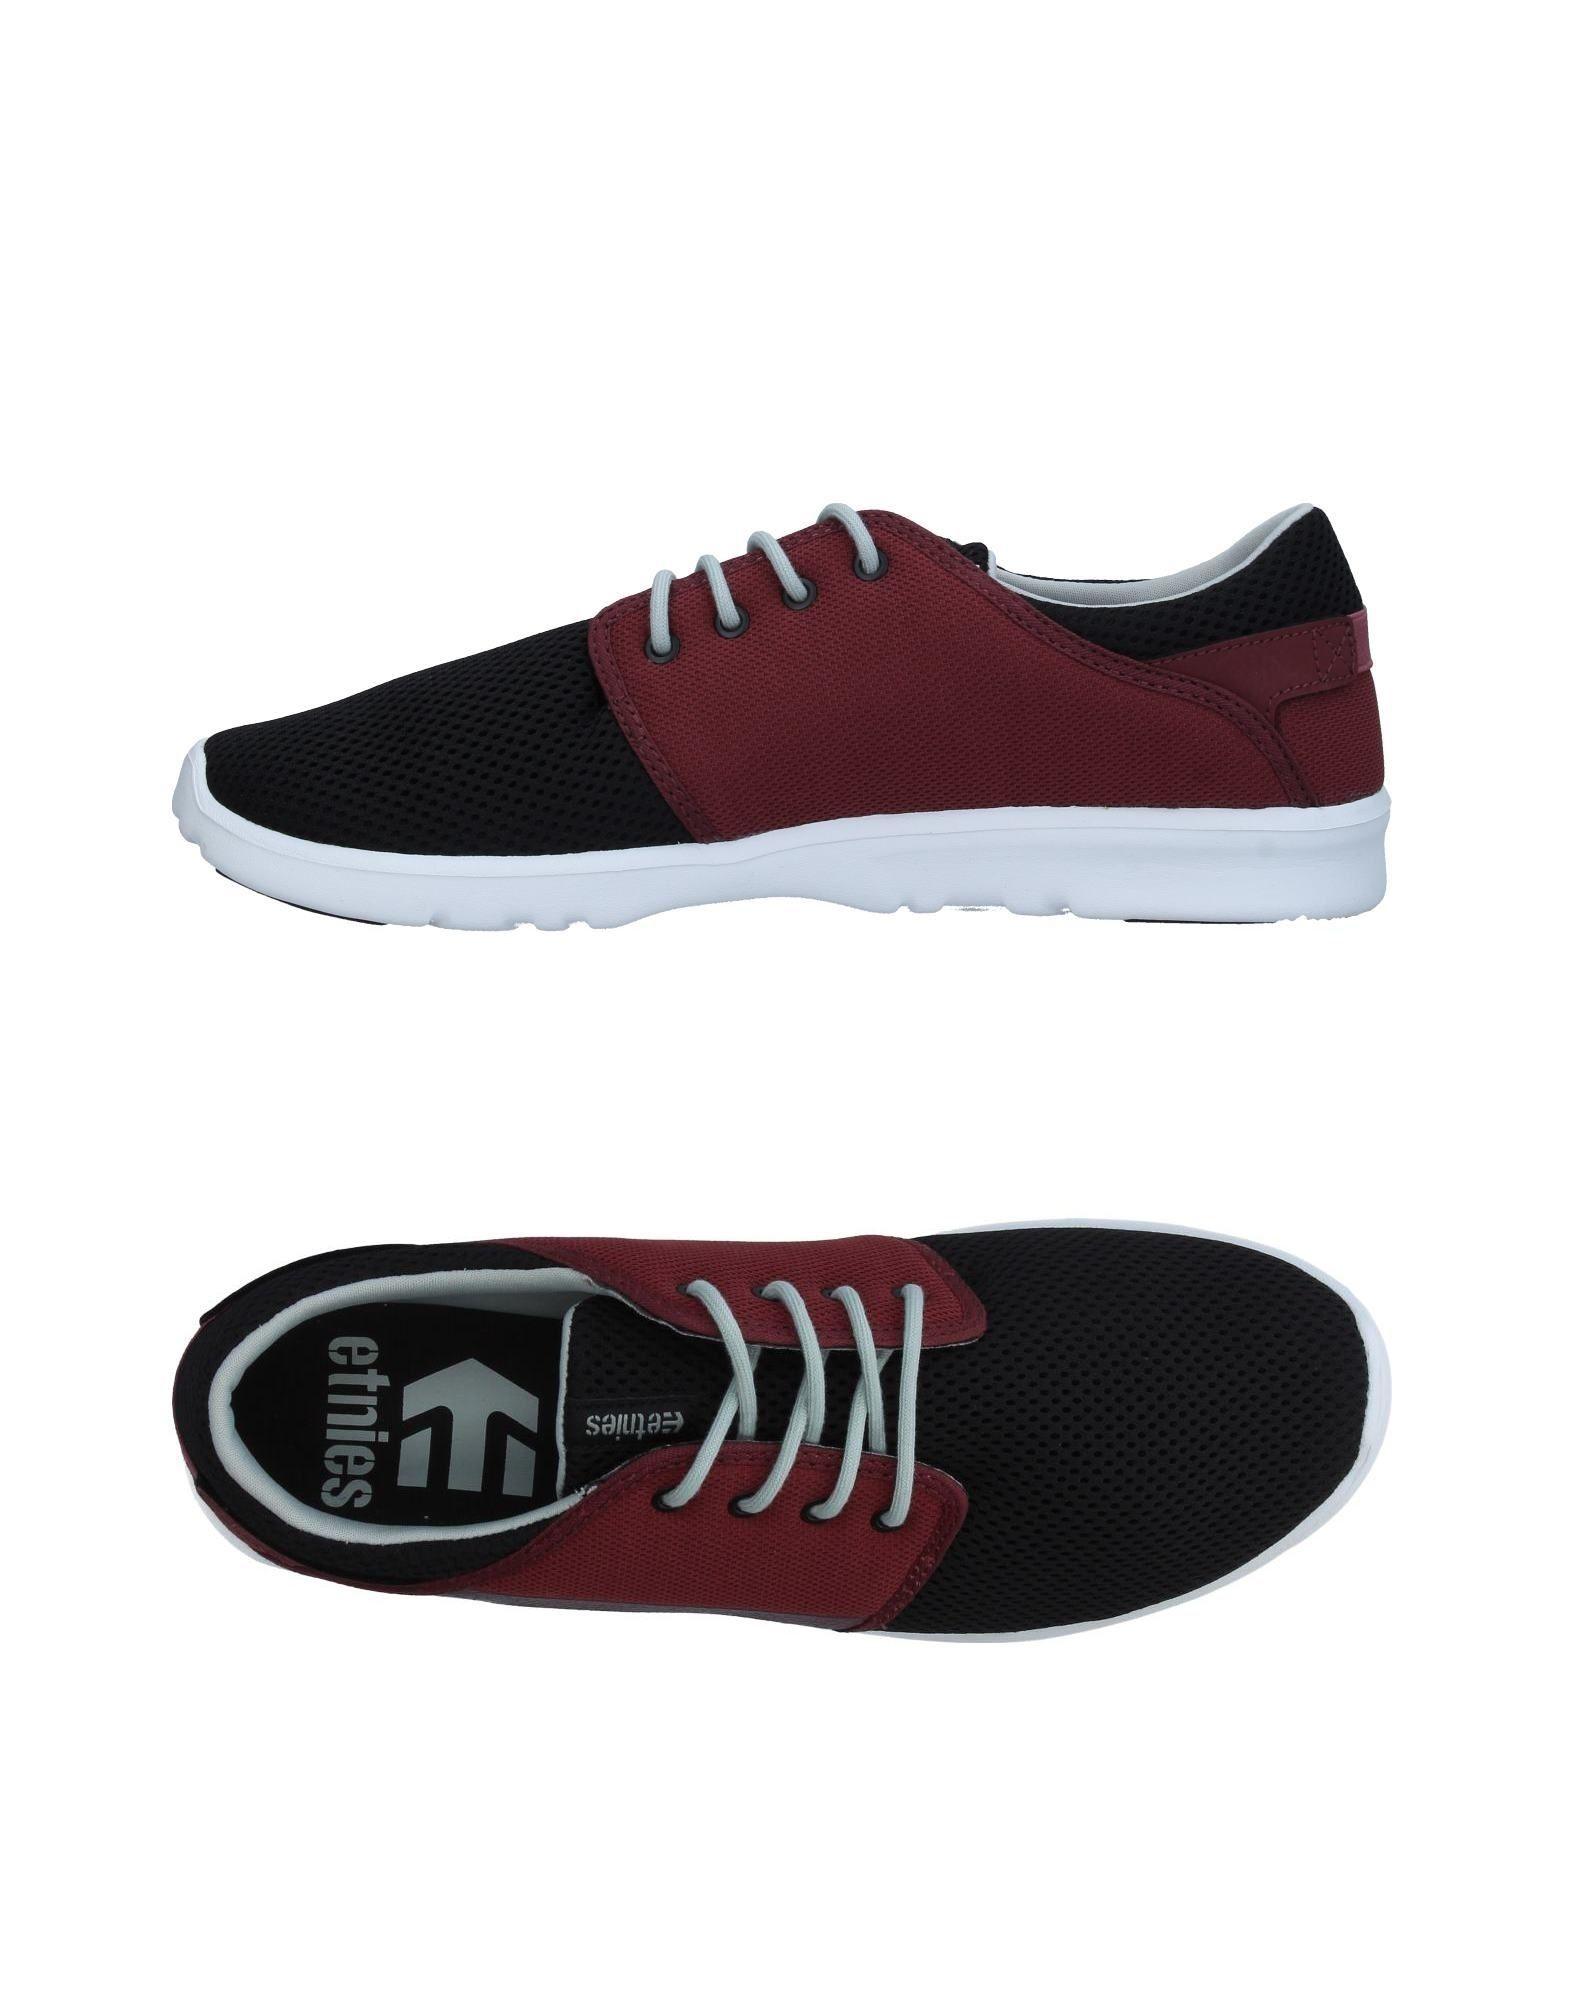 Sneakers Etnies Homme - Sneakers Etnies  Noir Chaussures femme pas cher homme et femme